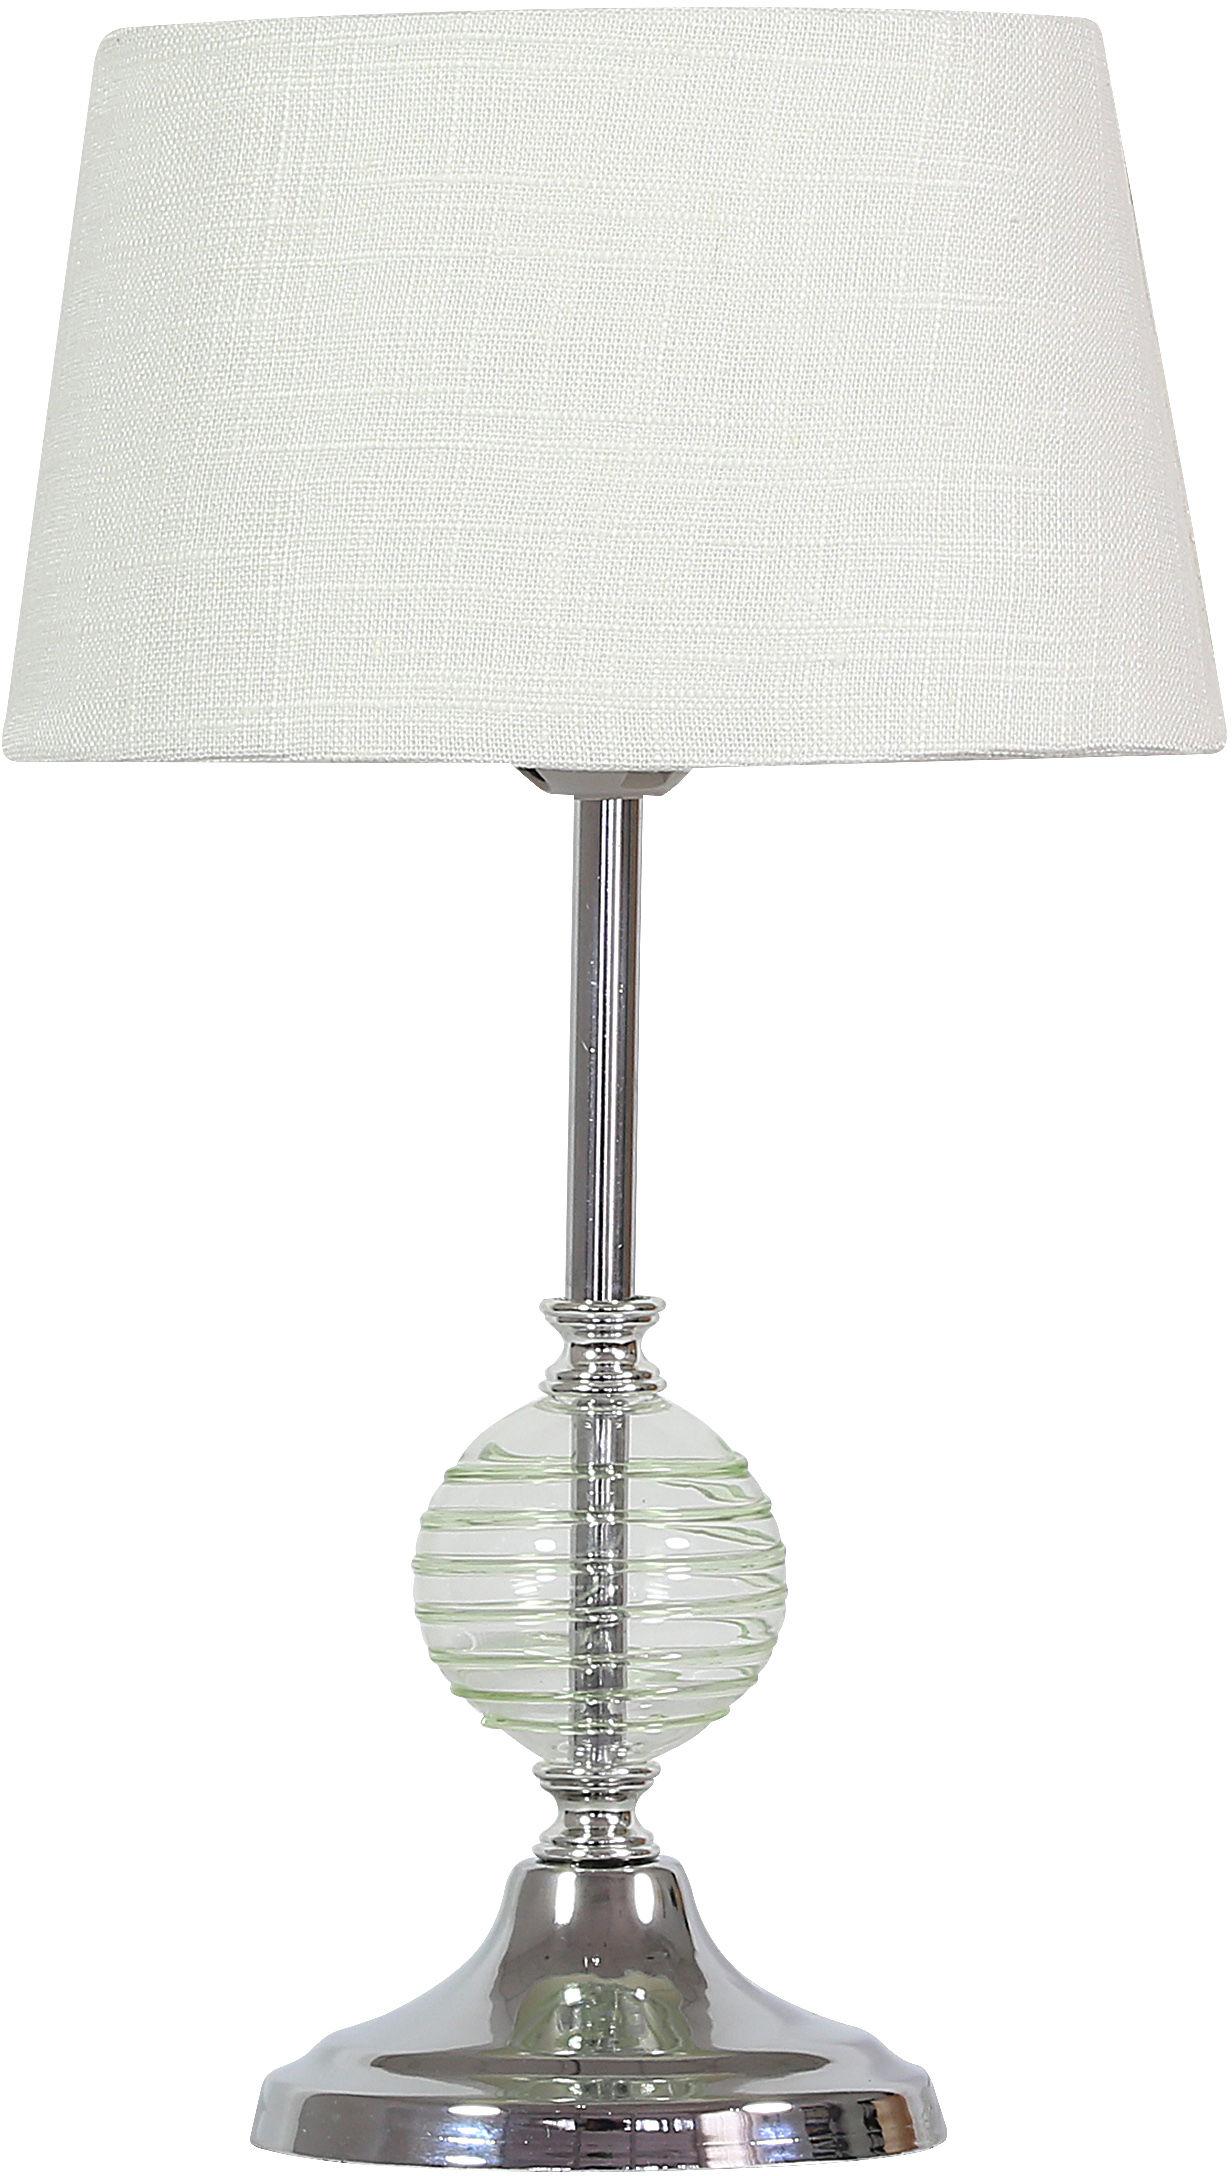 Candellux FERO 41-34618 lampa stołowa seledynowa ozdobna kula 1X60W E27 20 cm